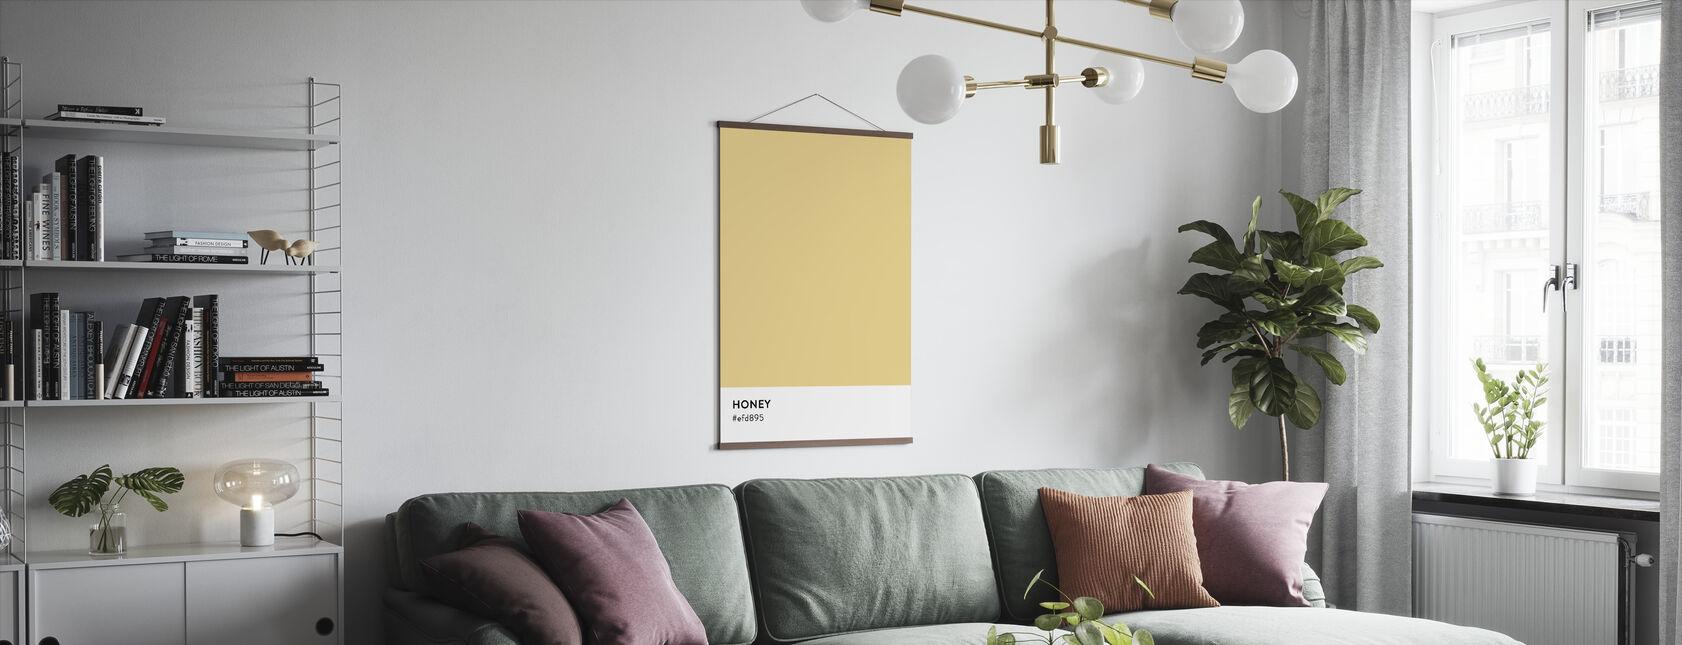 Honey - Poster - Living Room